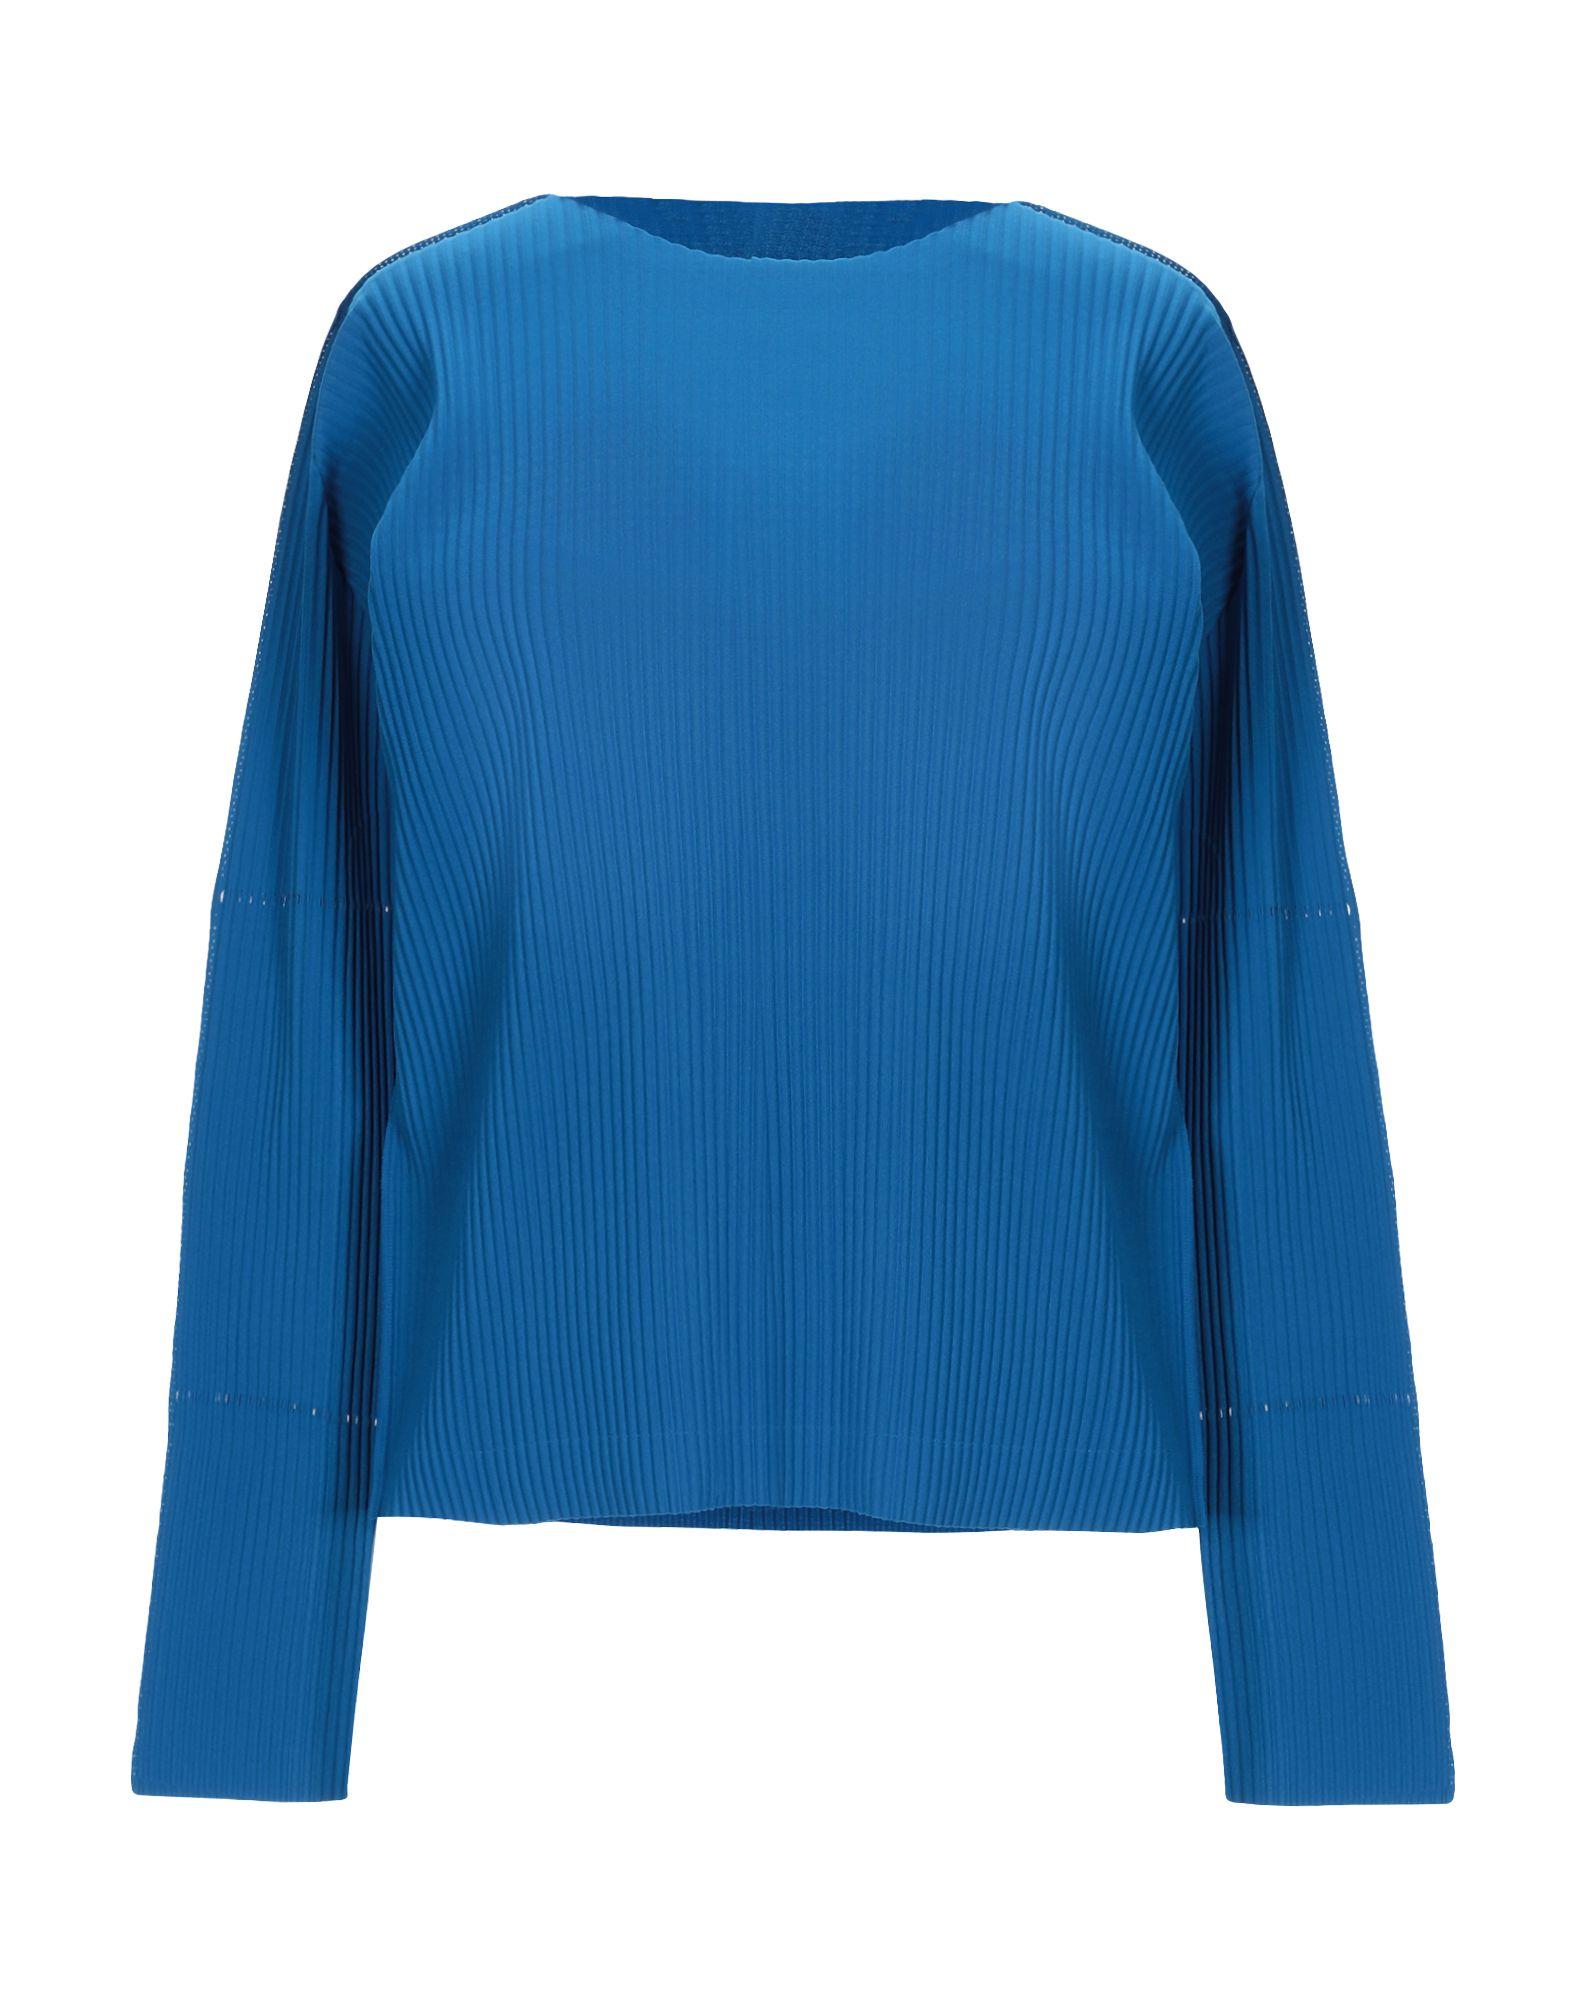 ISSEY MIYAKE CAULIFLOWER T-Shirts in Azure